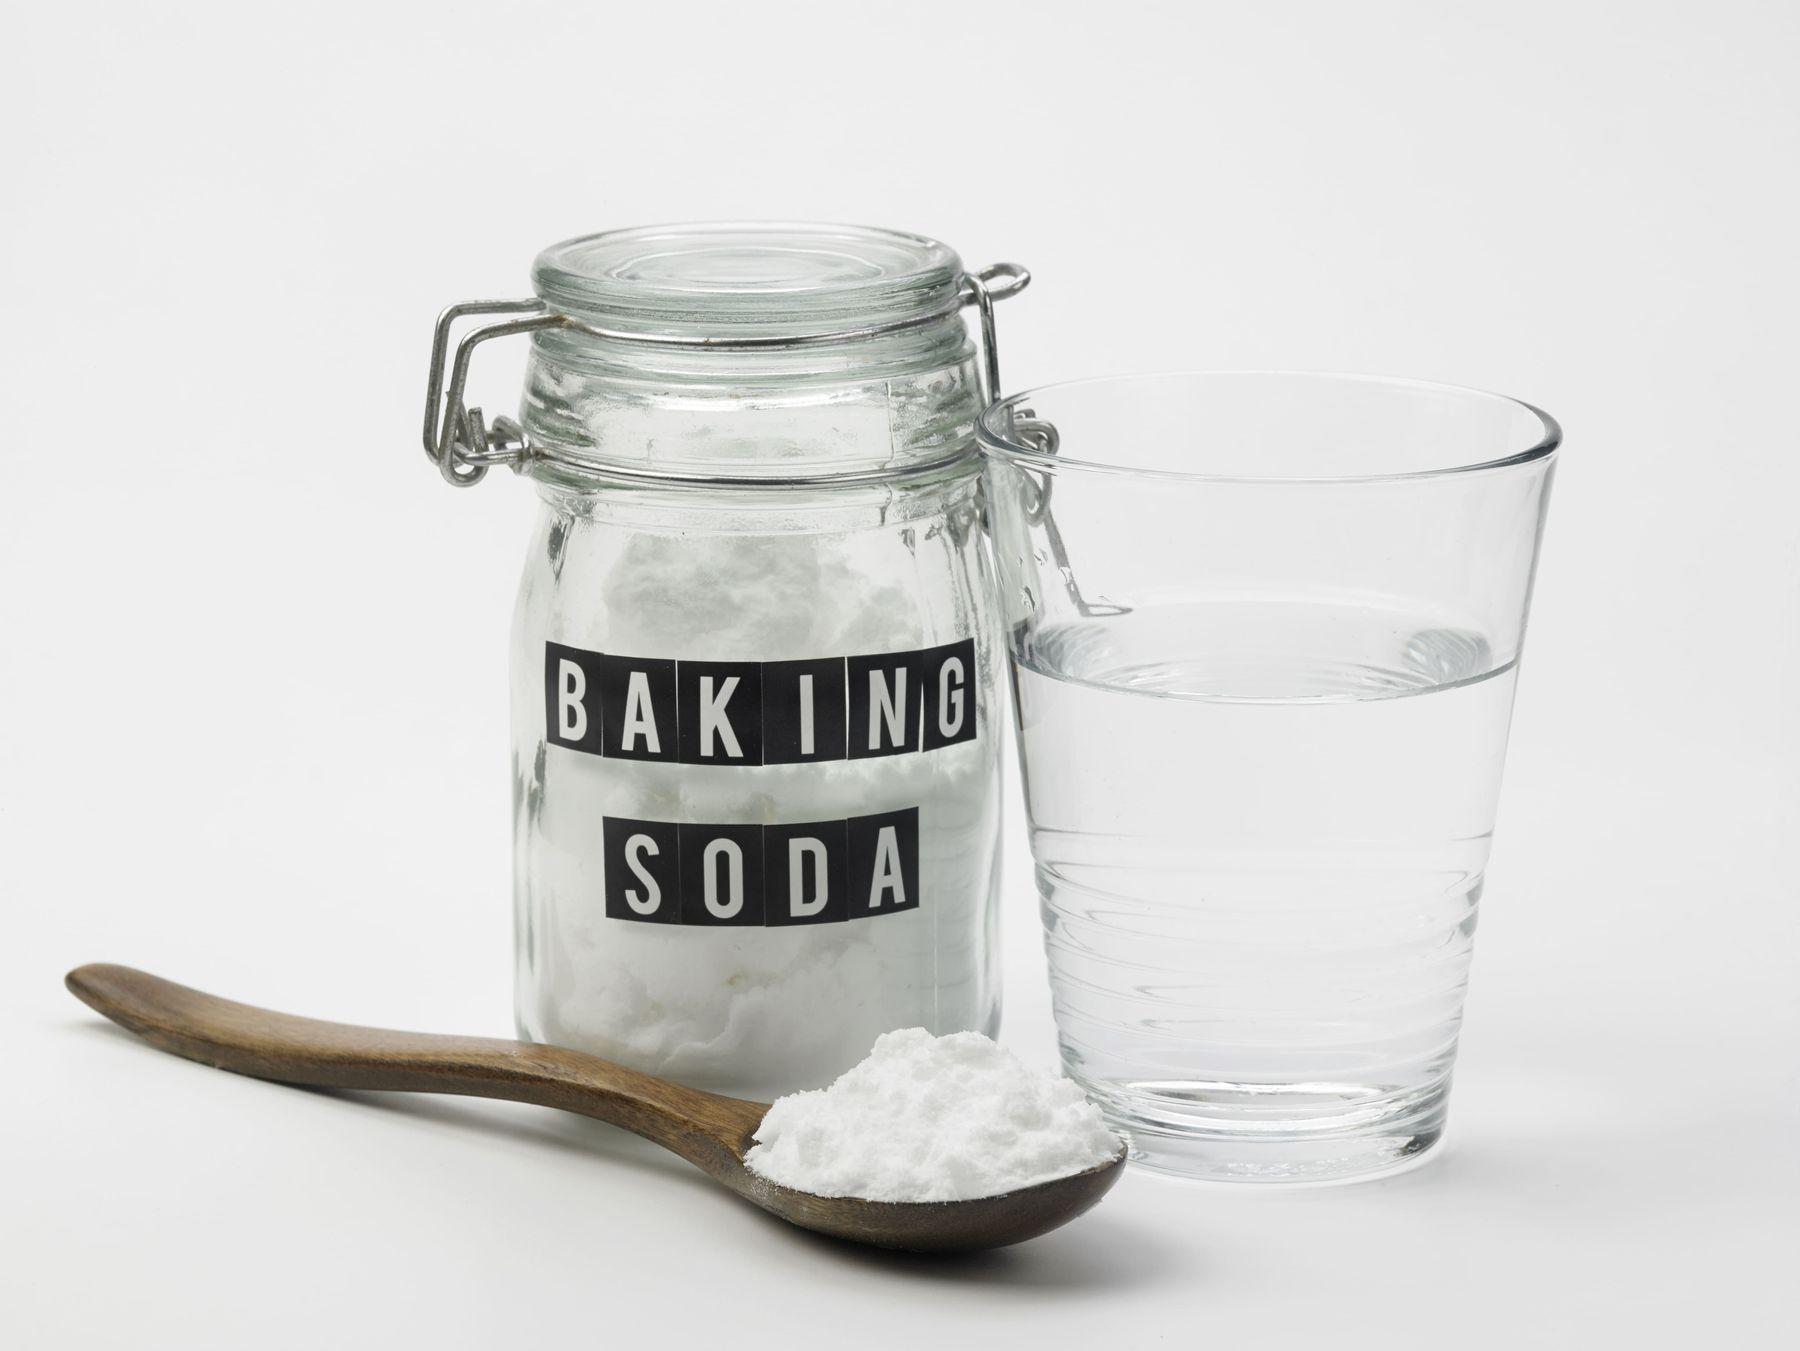 baking soda và nước